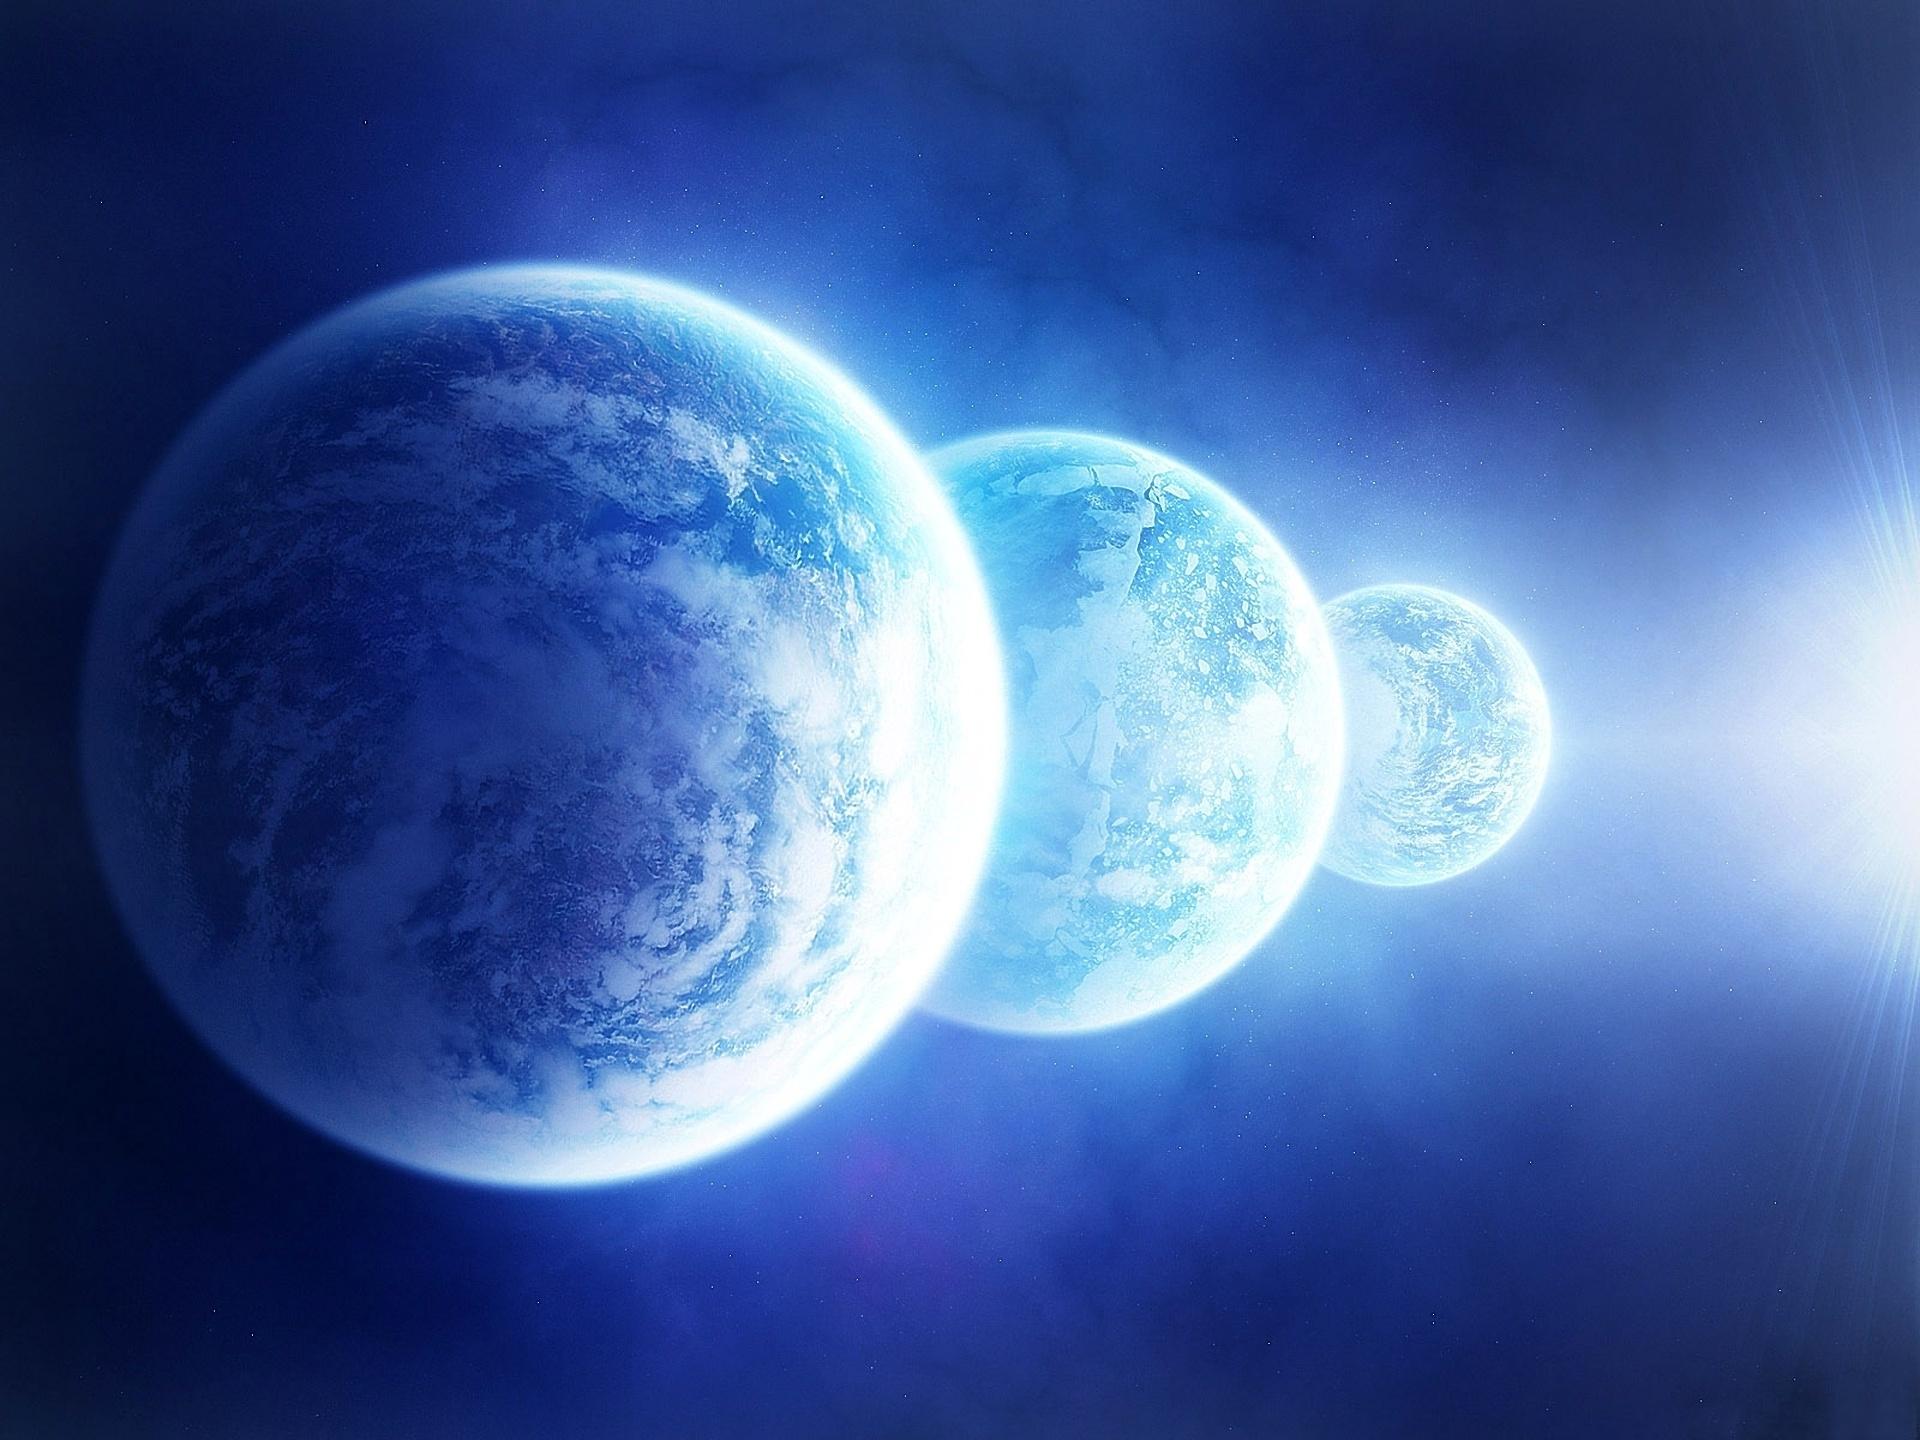 Обои Планеты, свет картинки на рабочий стол на тему Космос - скачать бесплатно